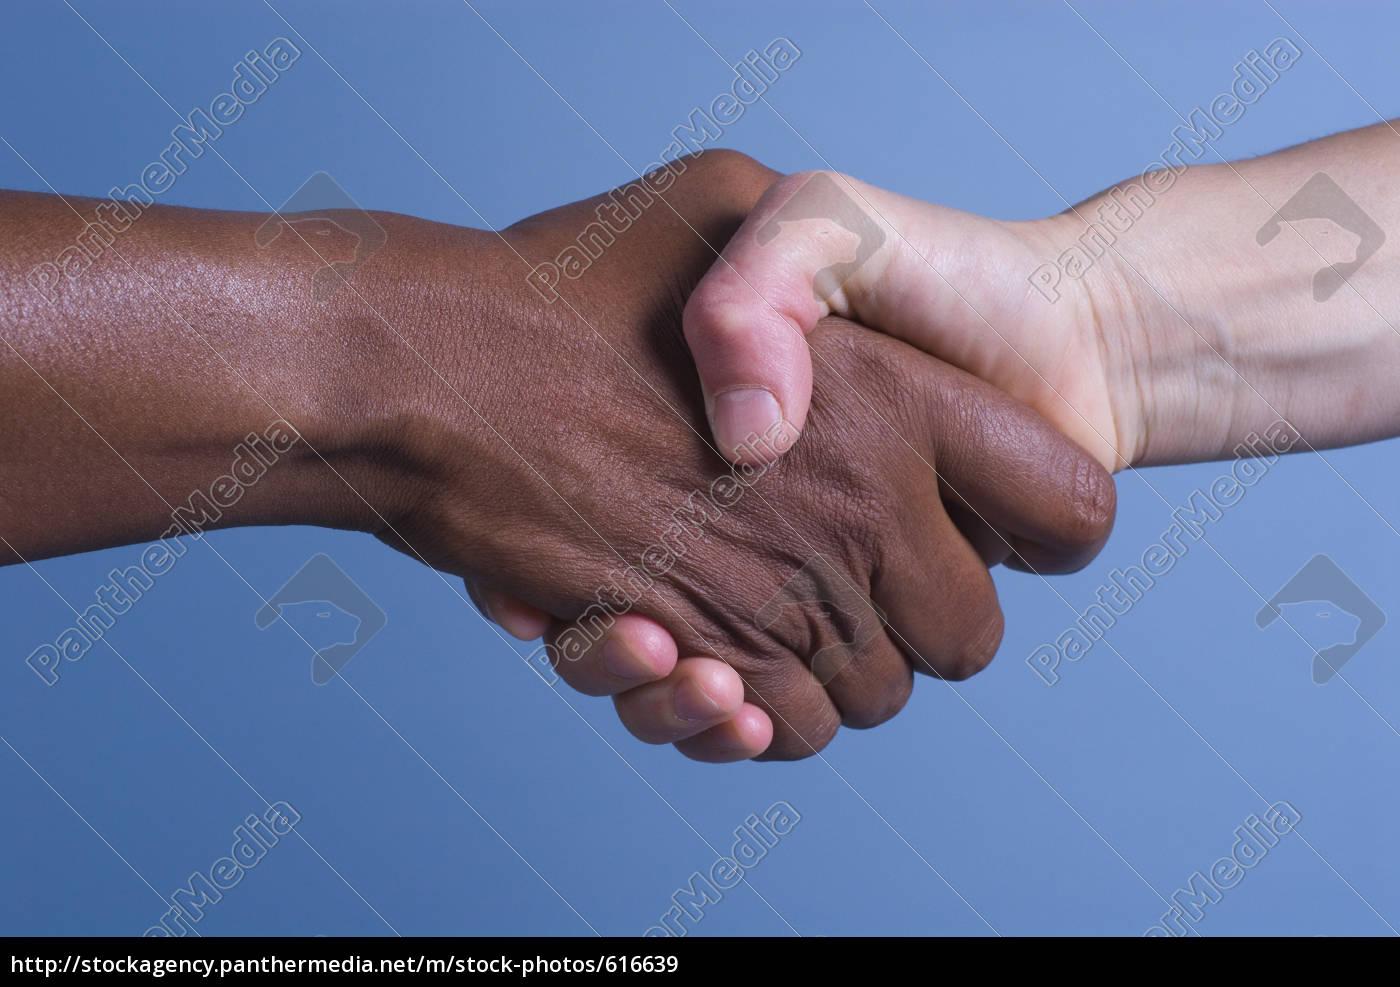 handshake - 616639